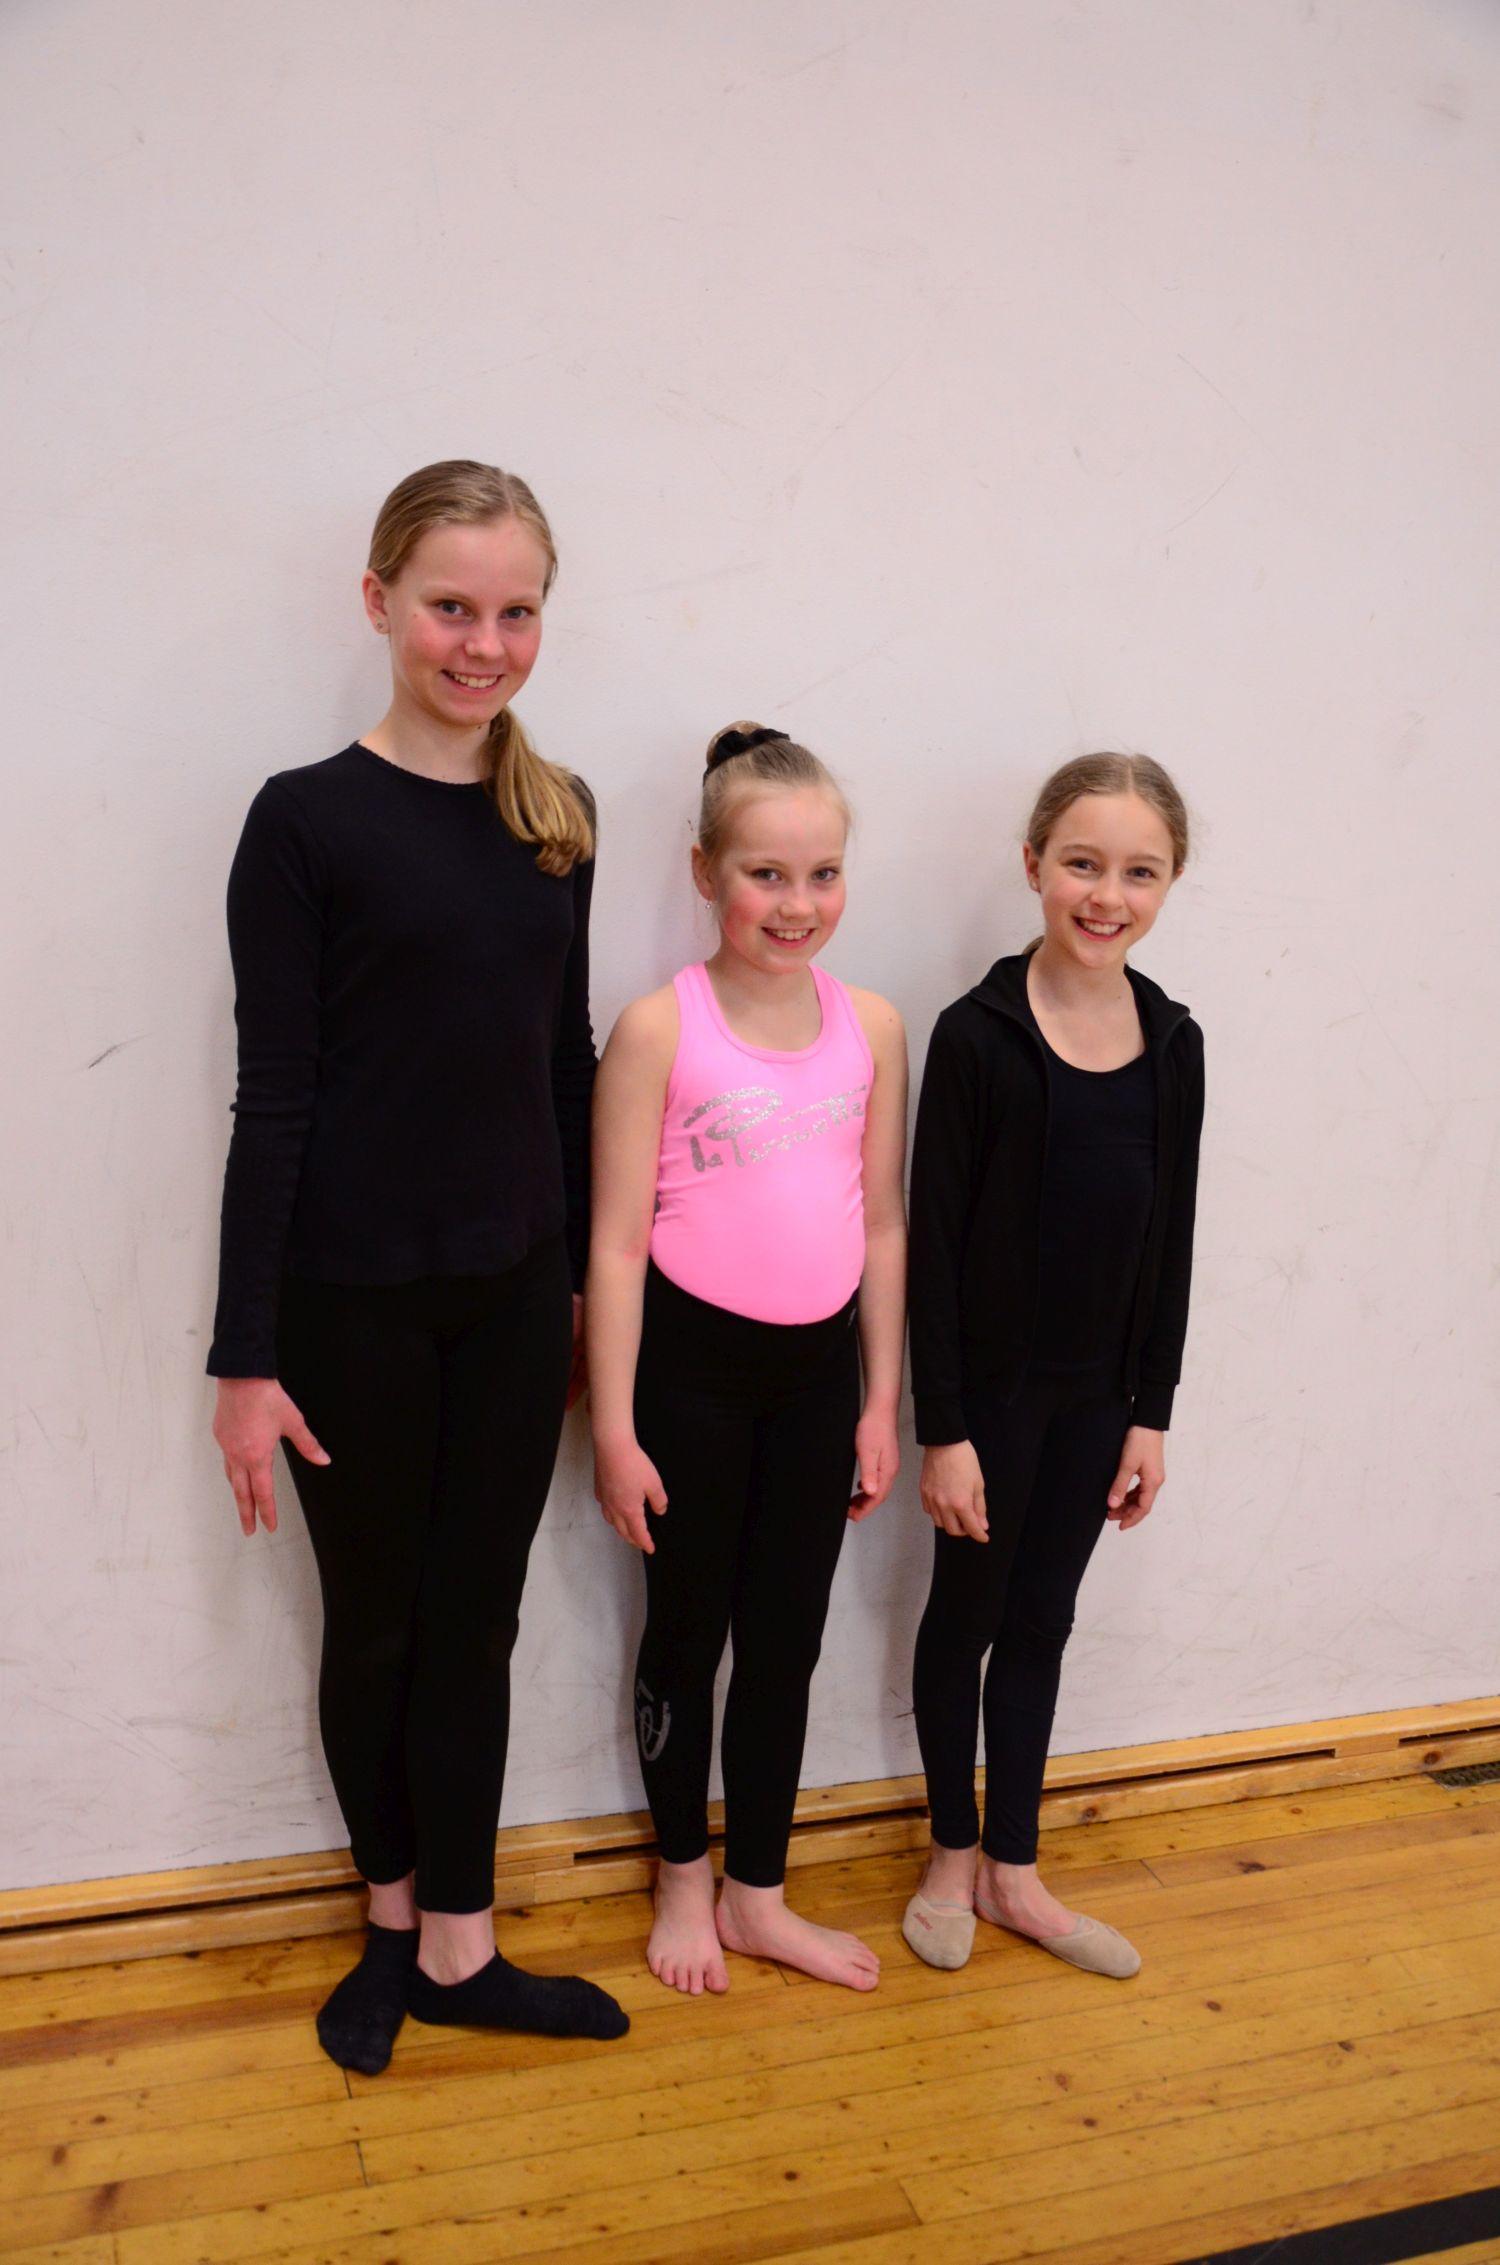 Erica Höglund, Elena Höglund och Emily Pratt på bilden.